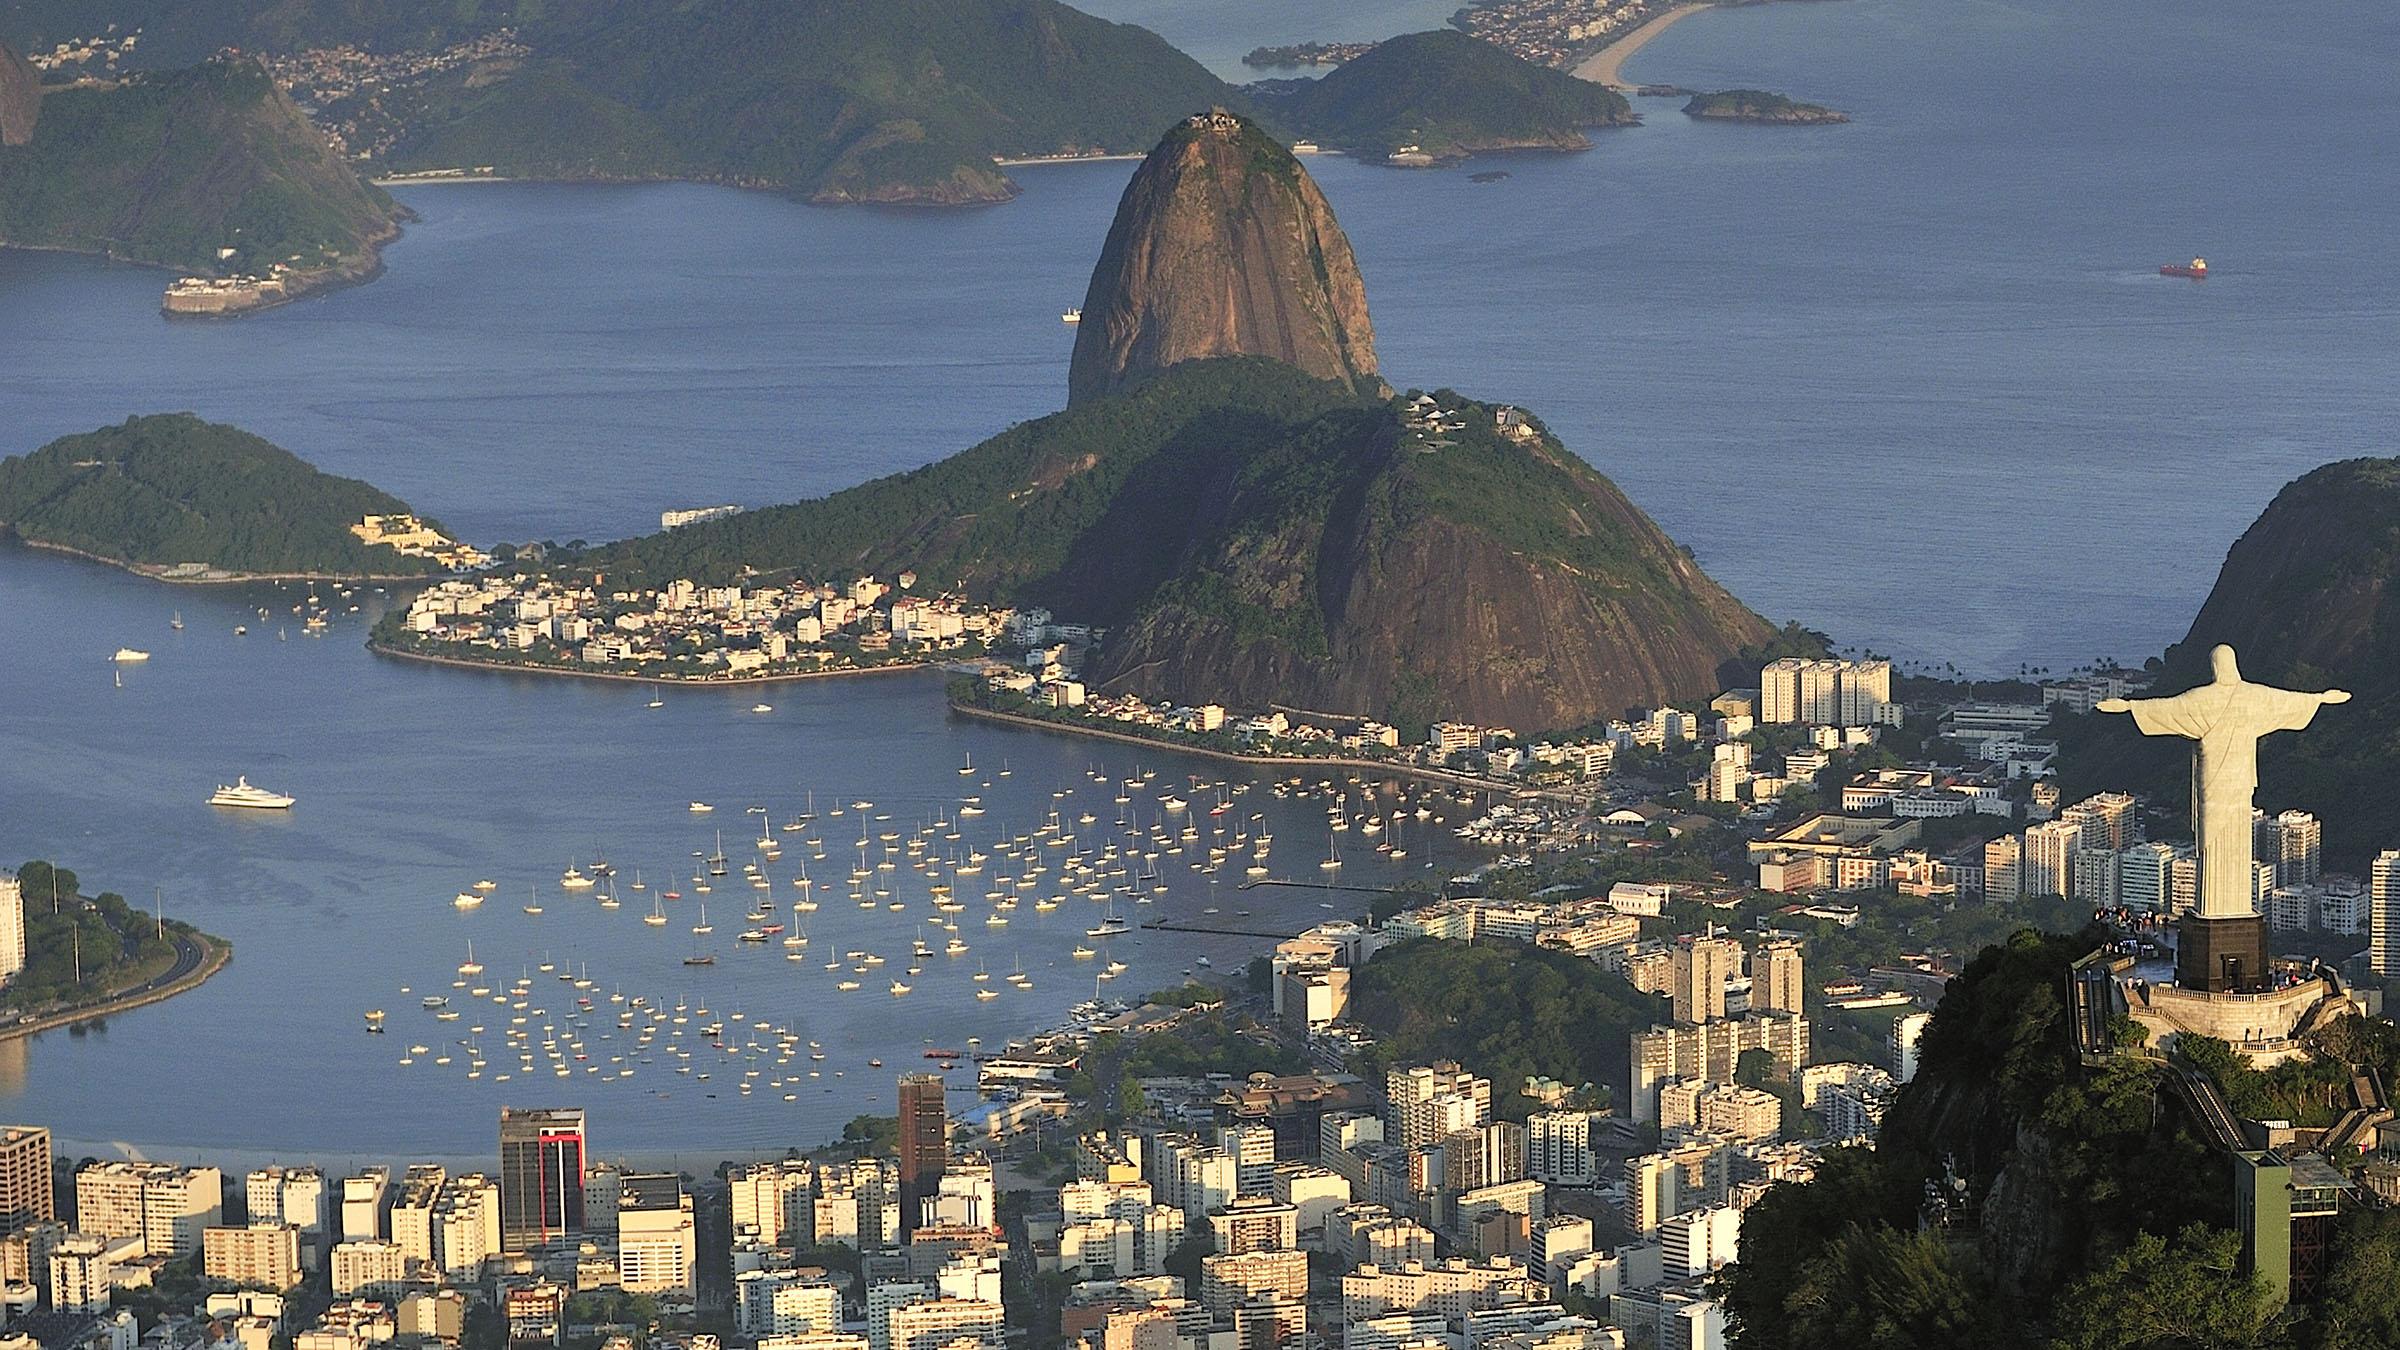 Vista aérea de Rio de Janeiro, Brasil